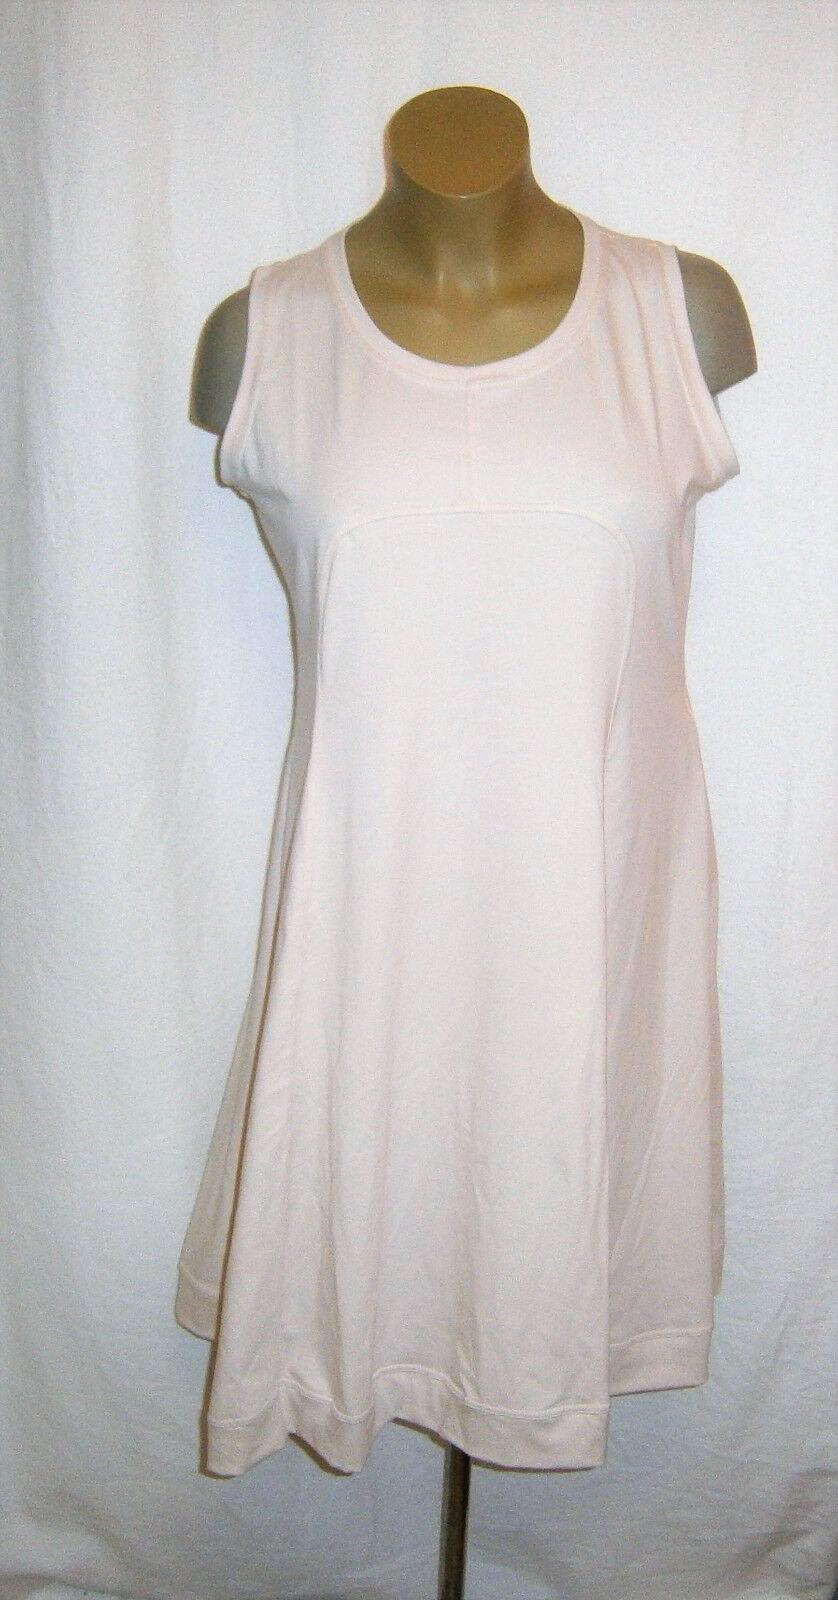 BORIS INDUSTRIES entzückendes Lagenlook Träger Kleid Empire Stil biskuit Gr. 48